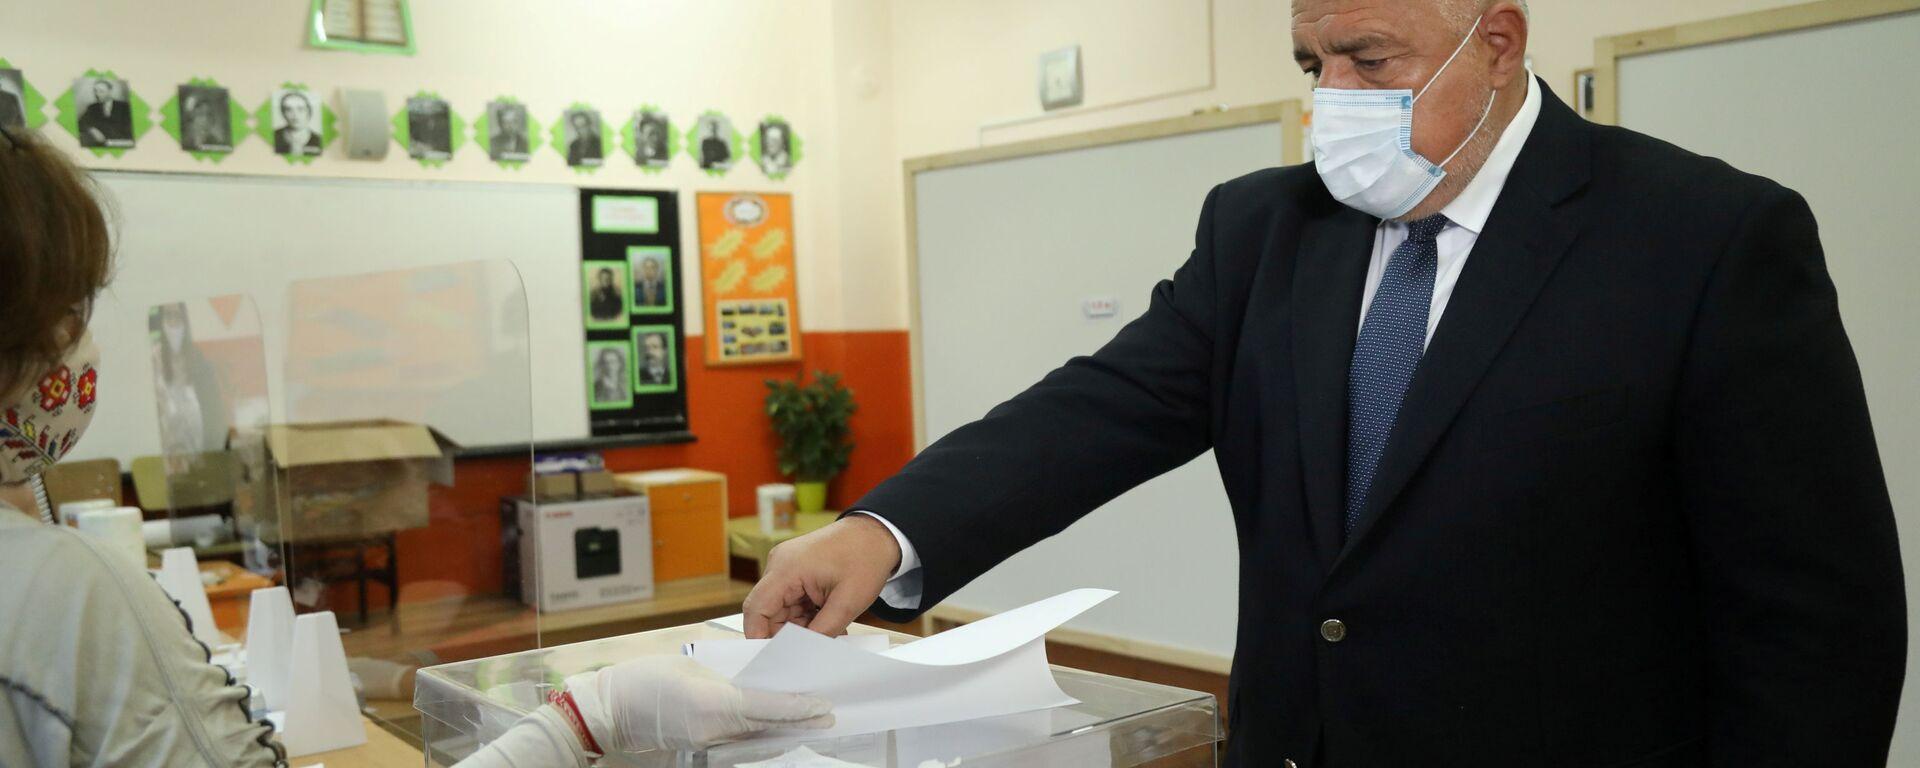 Bugarski premijer Bojko Borisov glasa na parlamentarnim izborima u Sofiji. - Sputnik Srbija, 1920, 02.09.2021